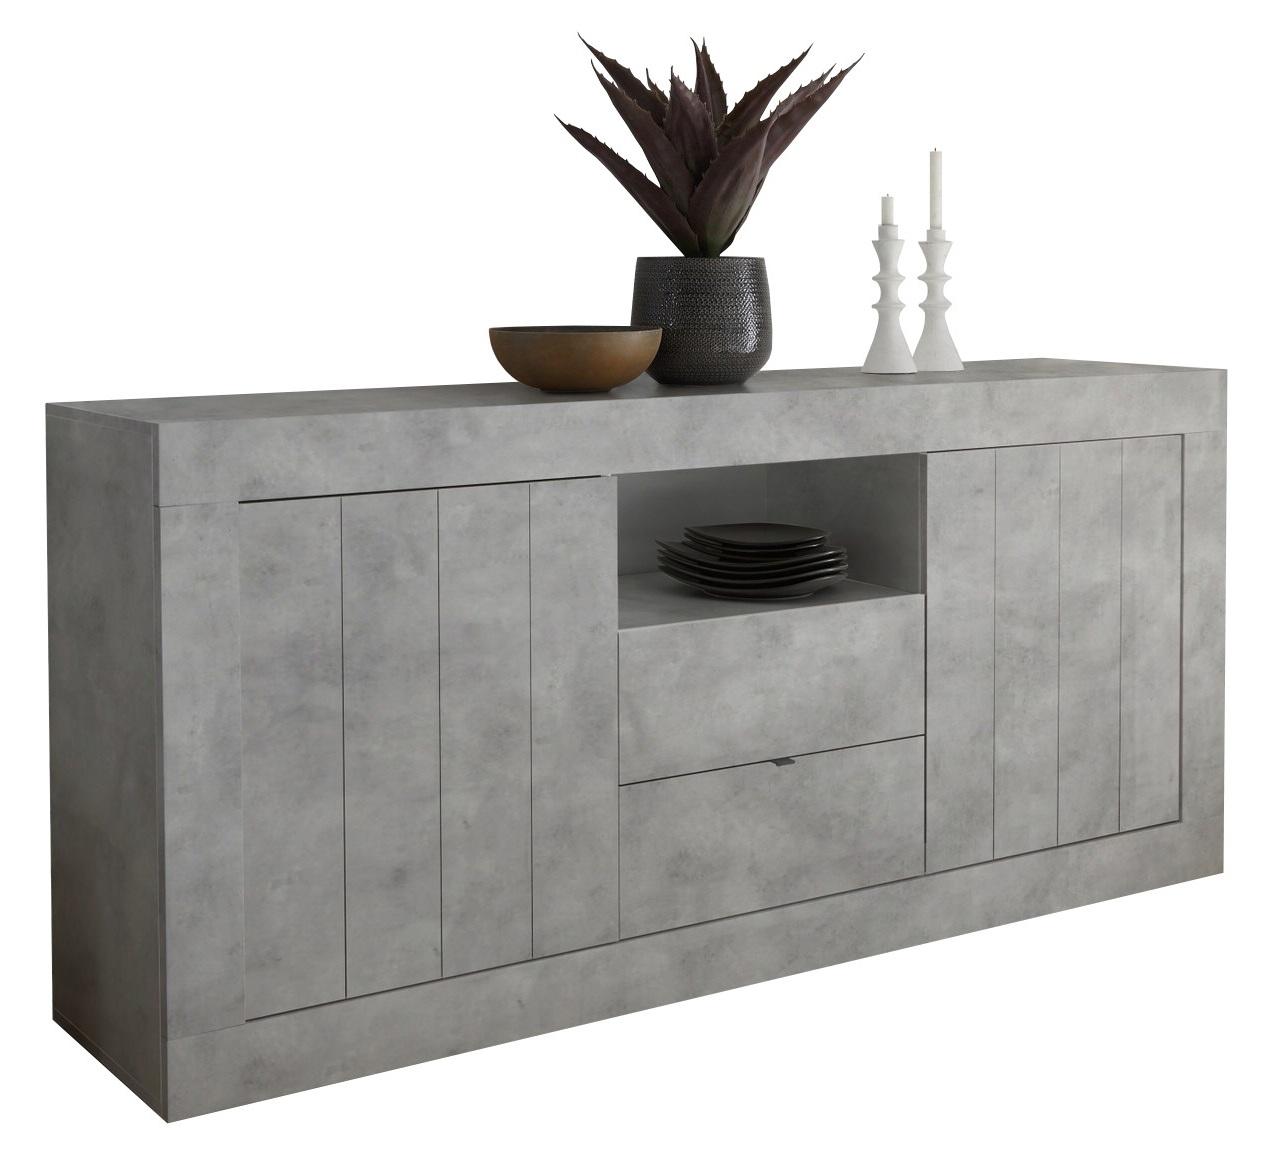 Dressoir Urbino 184 cm breed in grijs beton